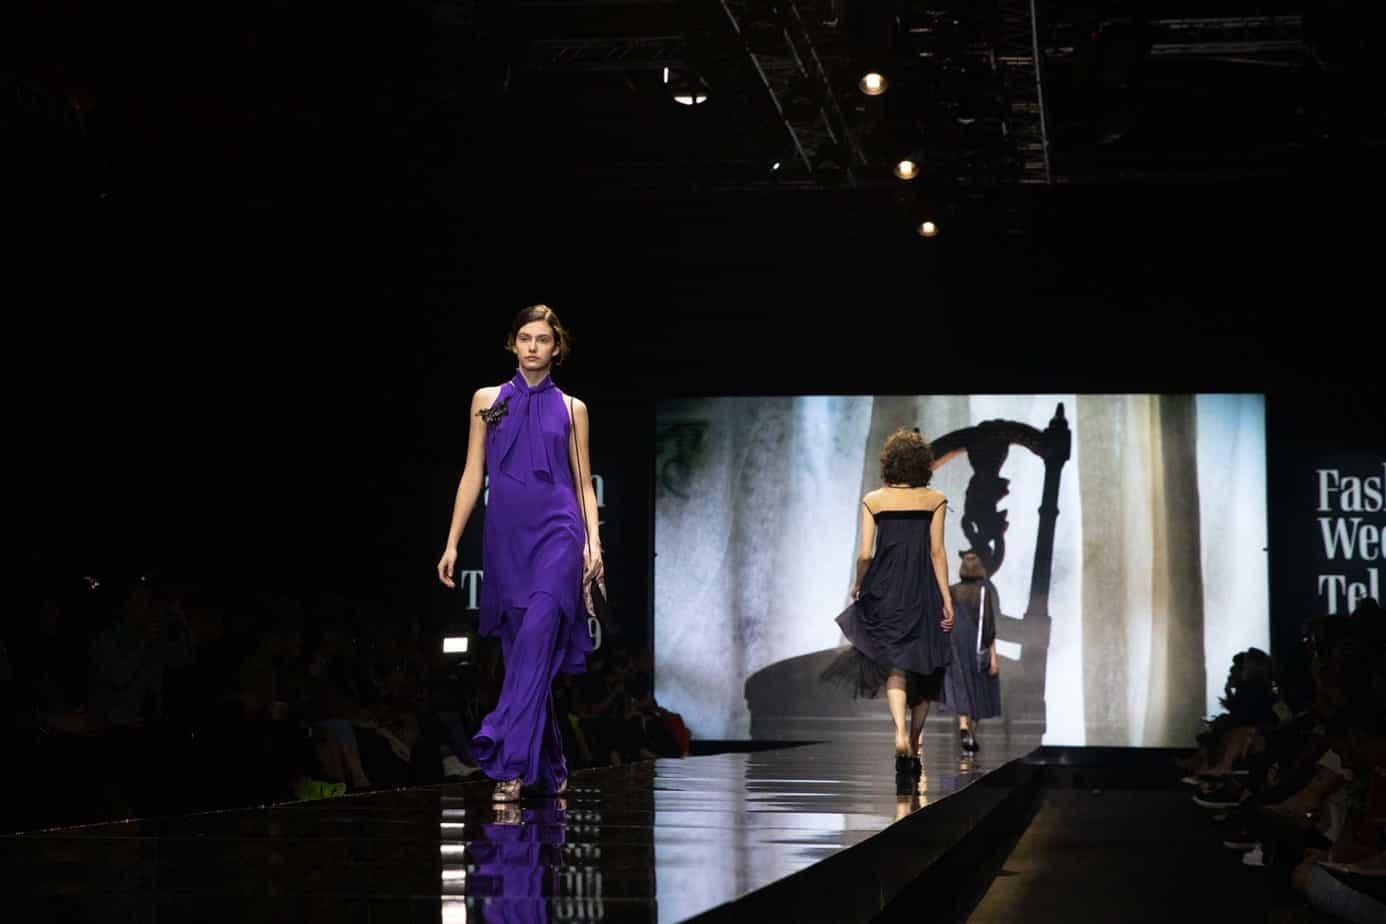 דורין פרקפורט. שבוע האופנה תל אביב 2019. צילום עומר קפלן -14